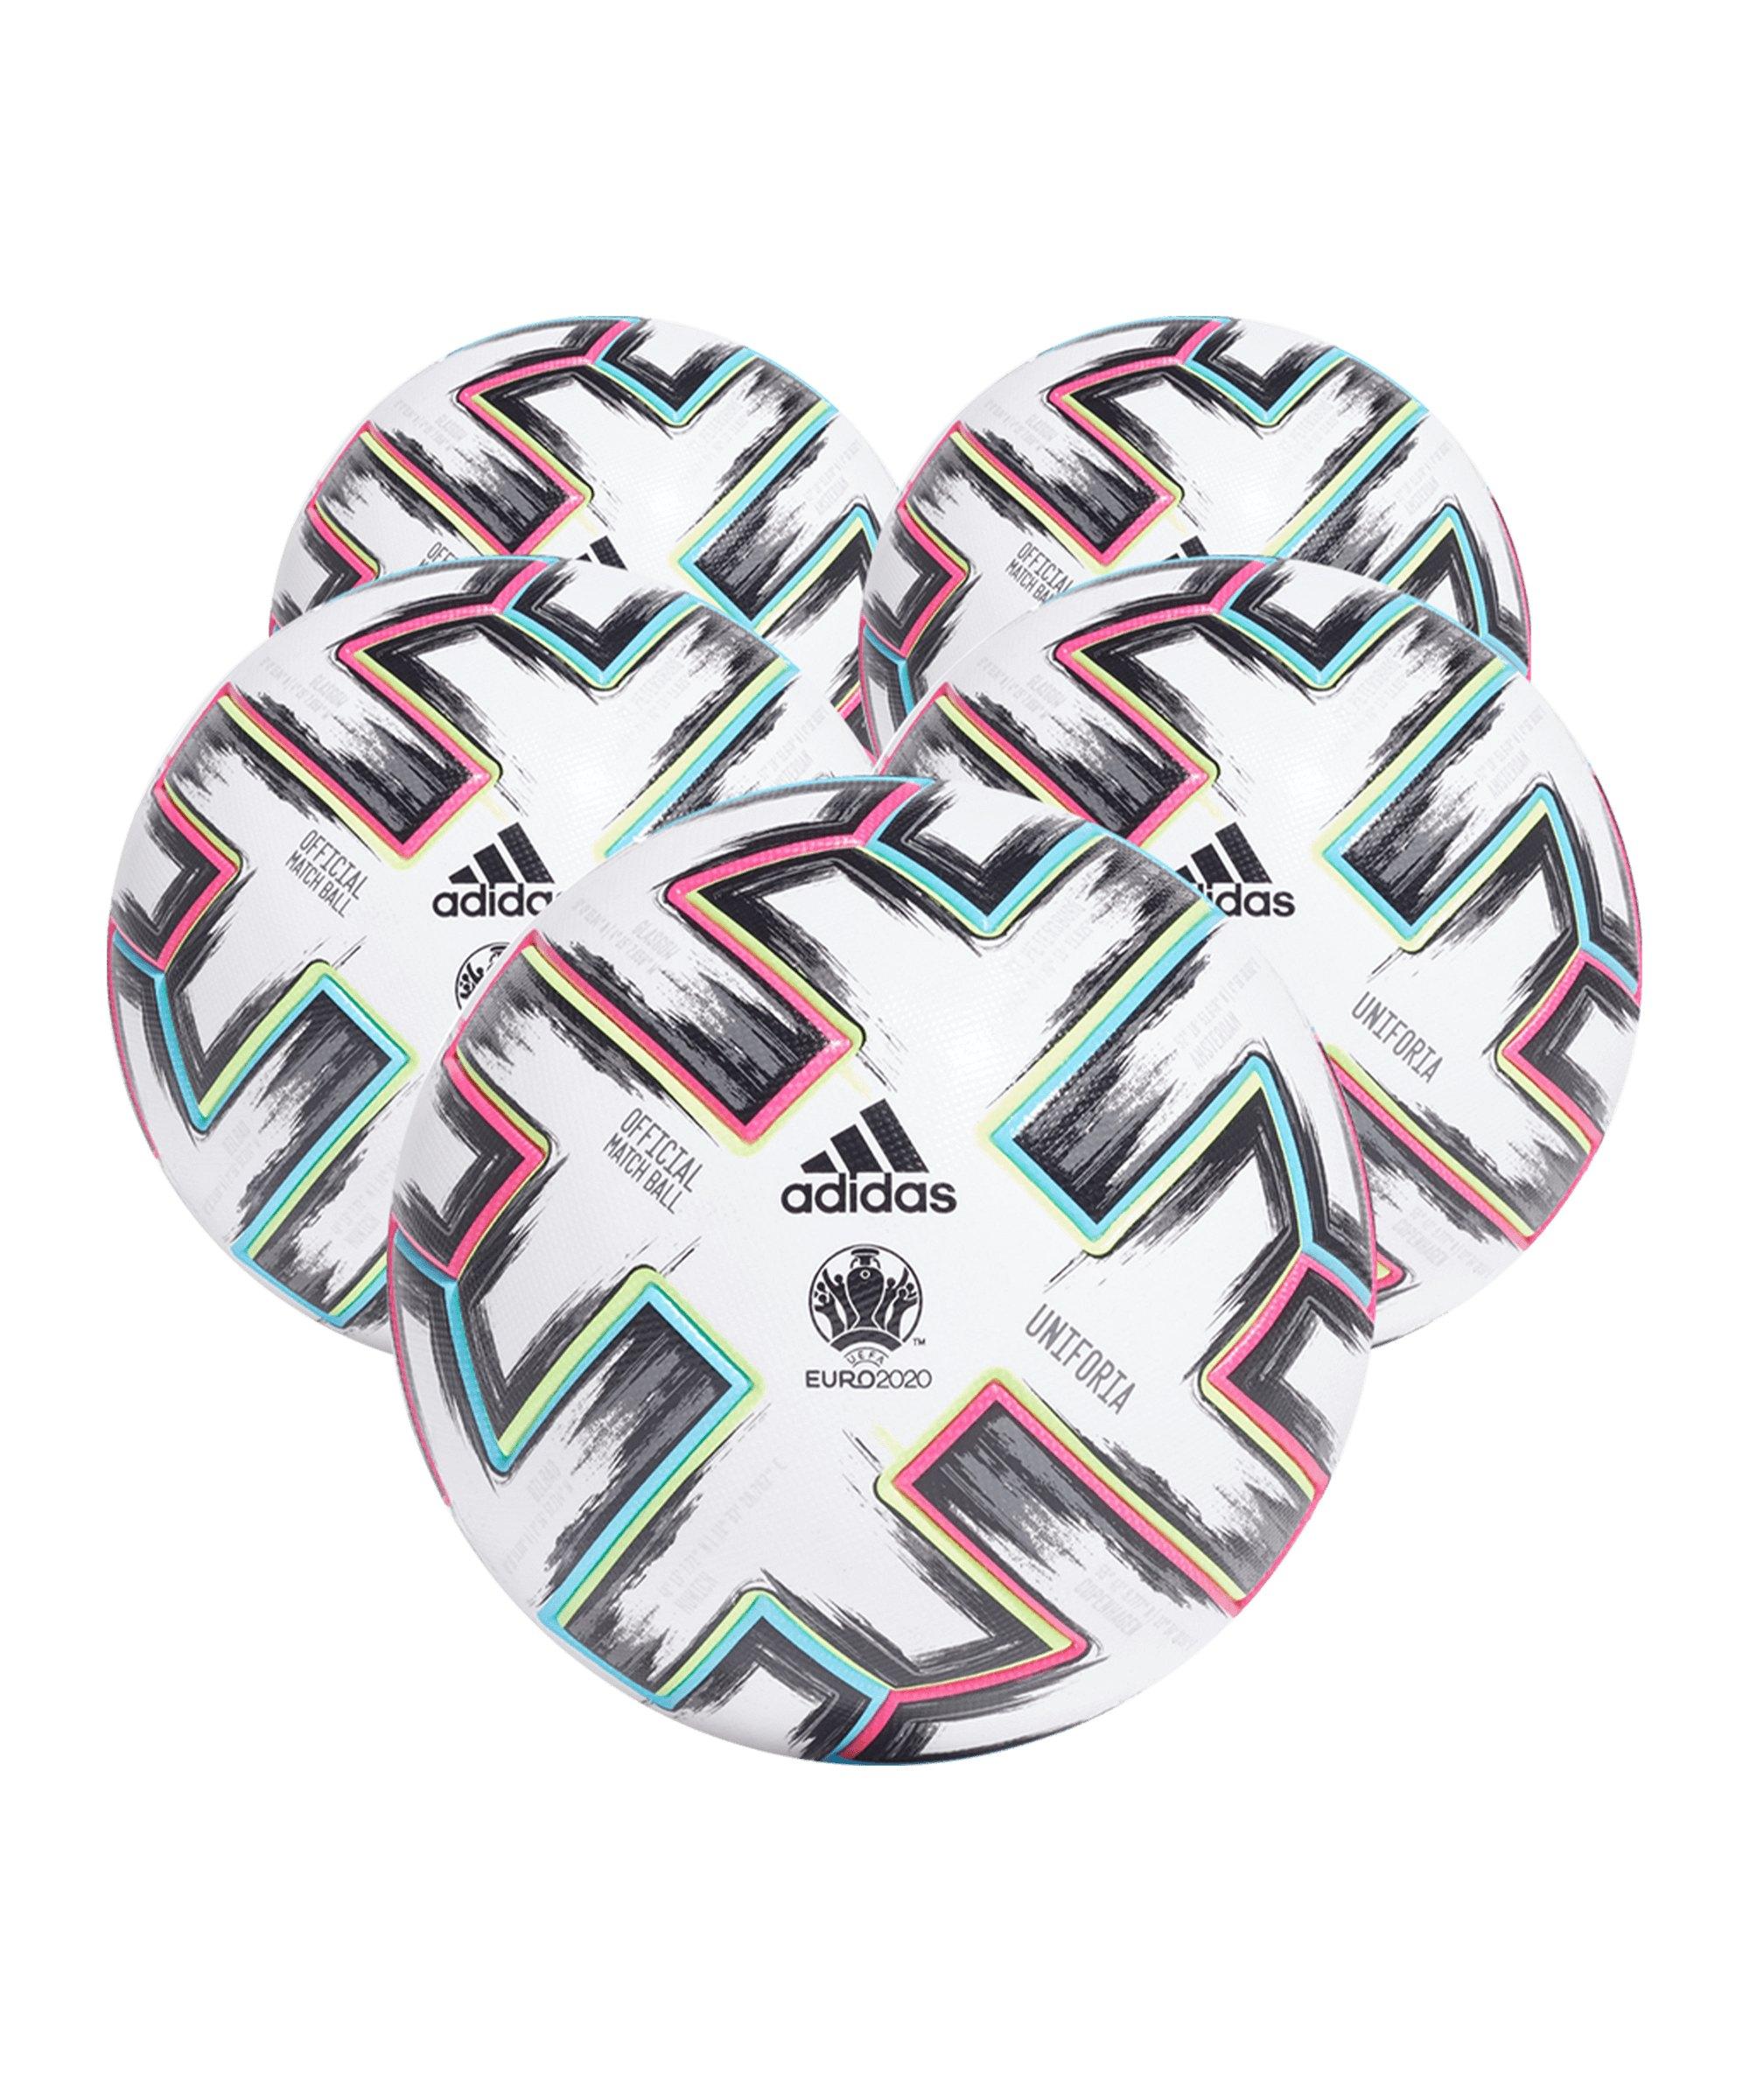 adidas PRO Uniforia EM 2020 Fussball 5x Gr.5 Weiss - weiss